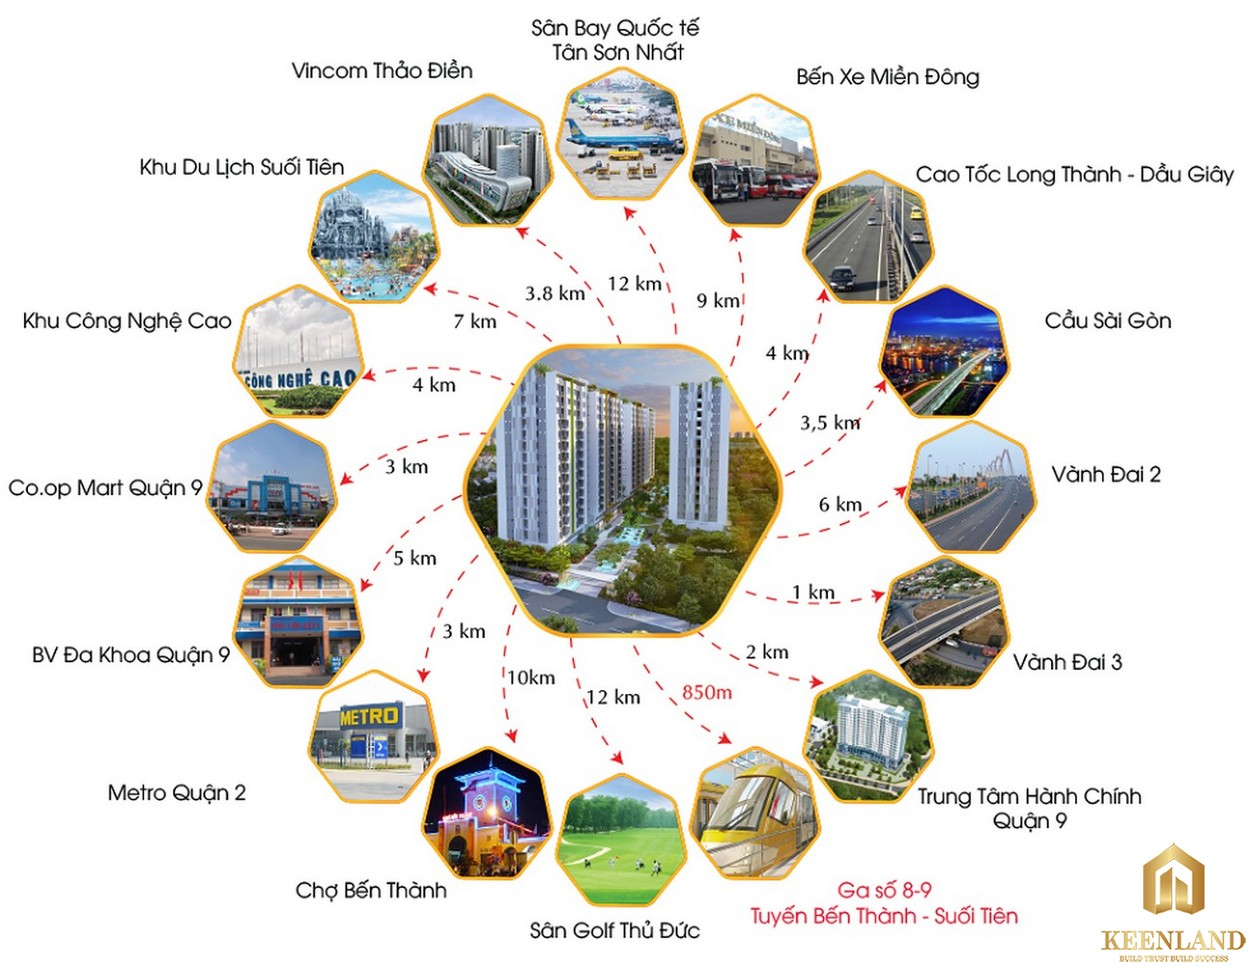 Liên kết vùng dự án Him Lam Nam Khánh